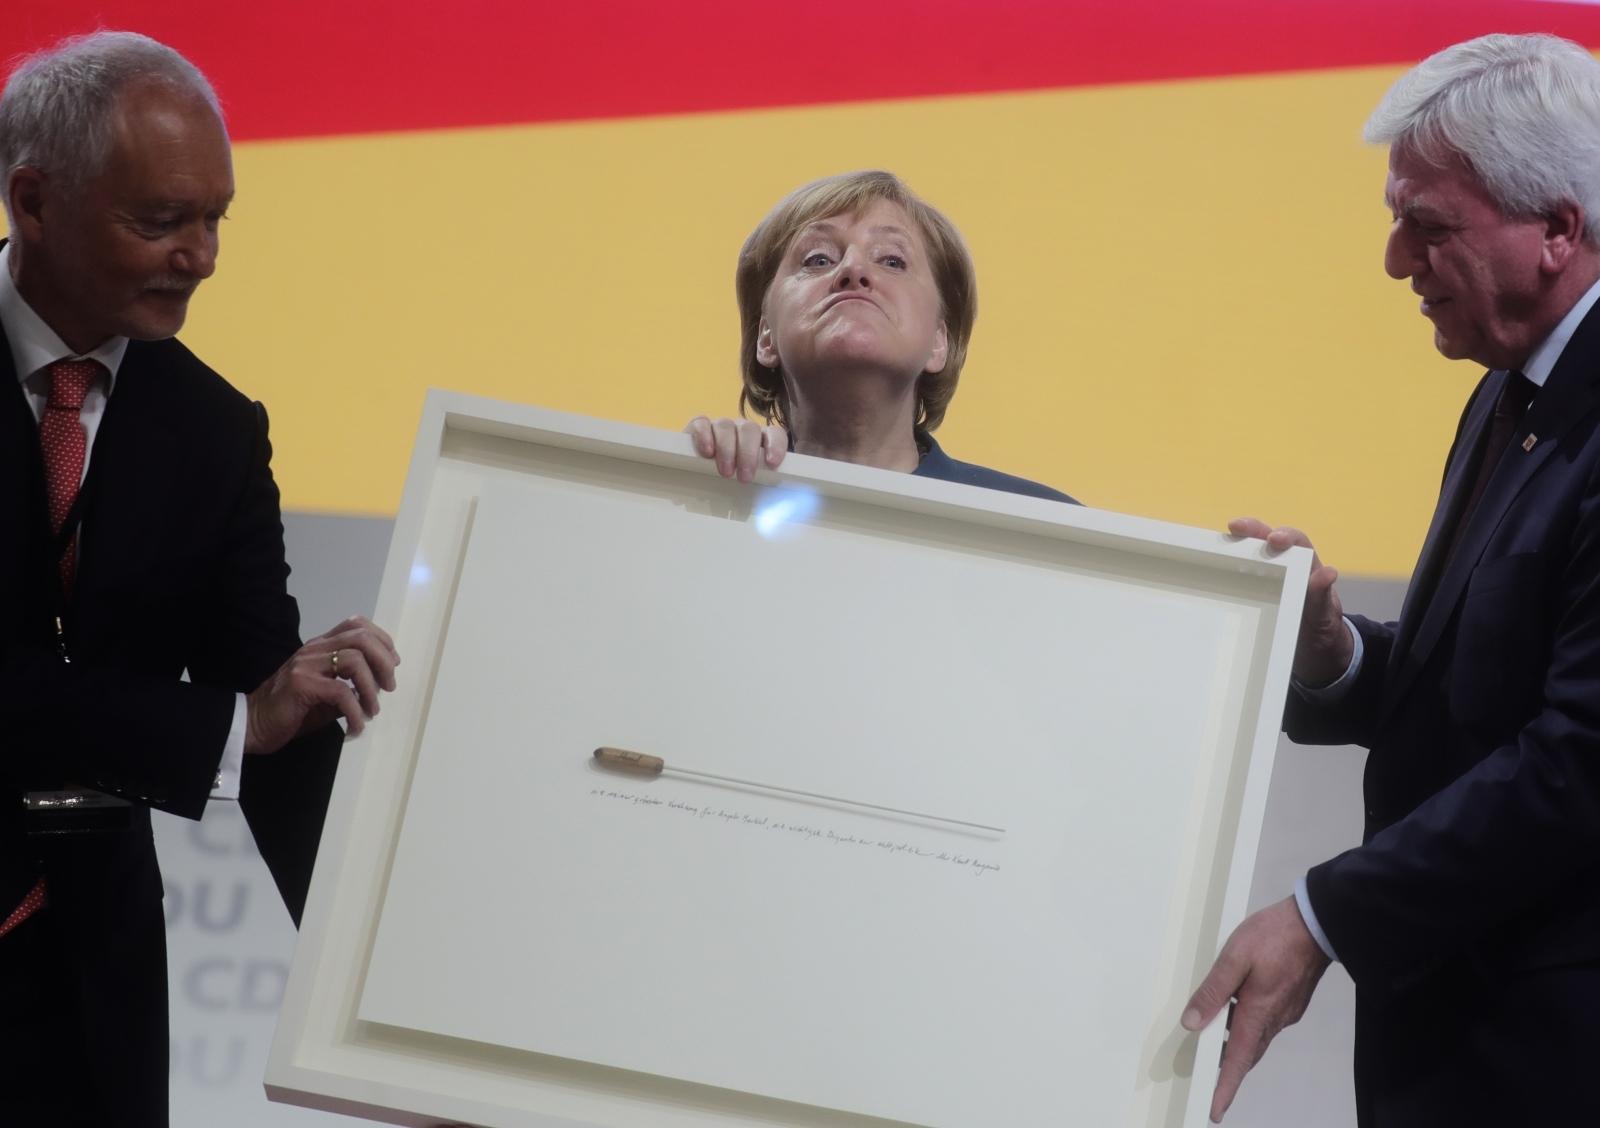 Dirigentska palica - Angela Merkel Vir:Pixsell